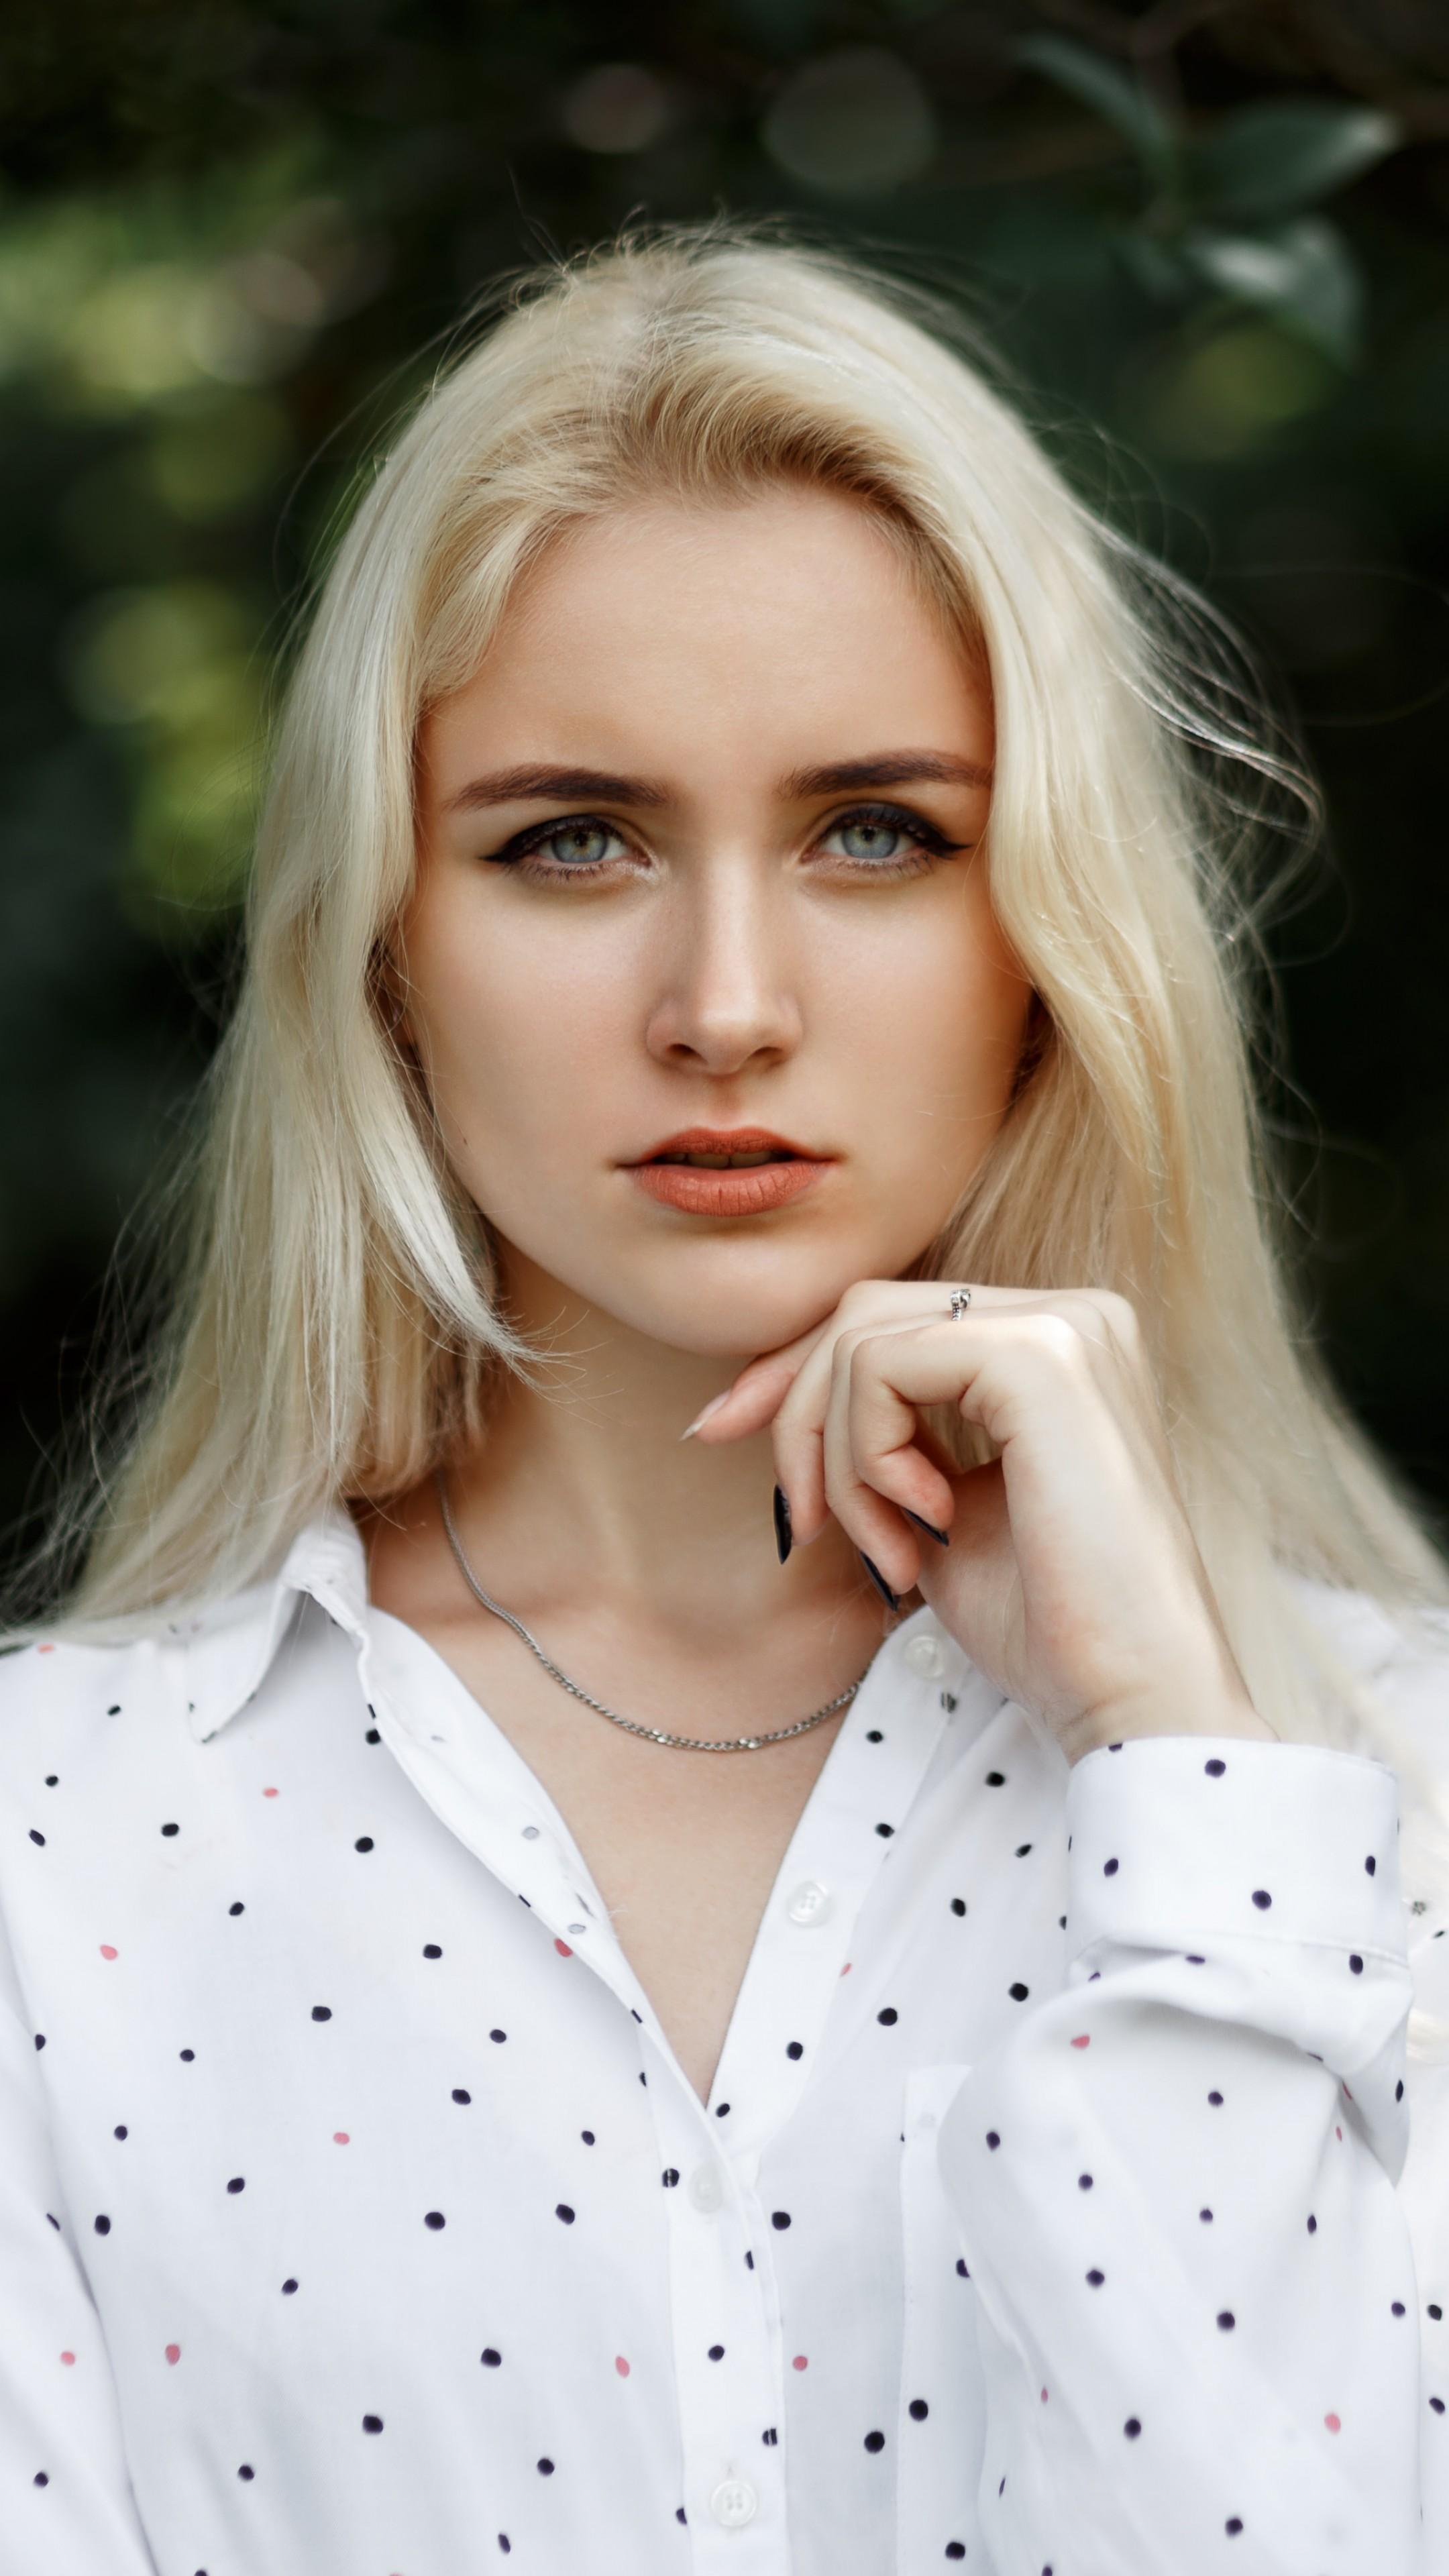 Красивые фото девушек блондинок 21 год ВКонтакте (11)